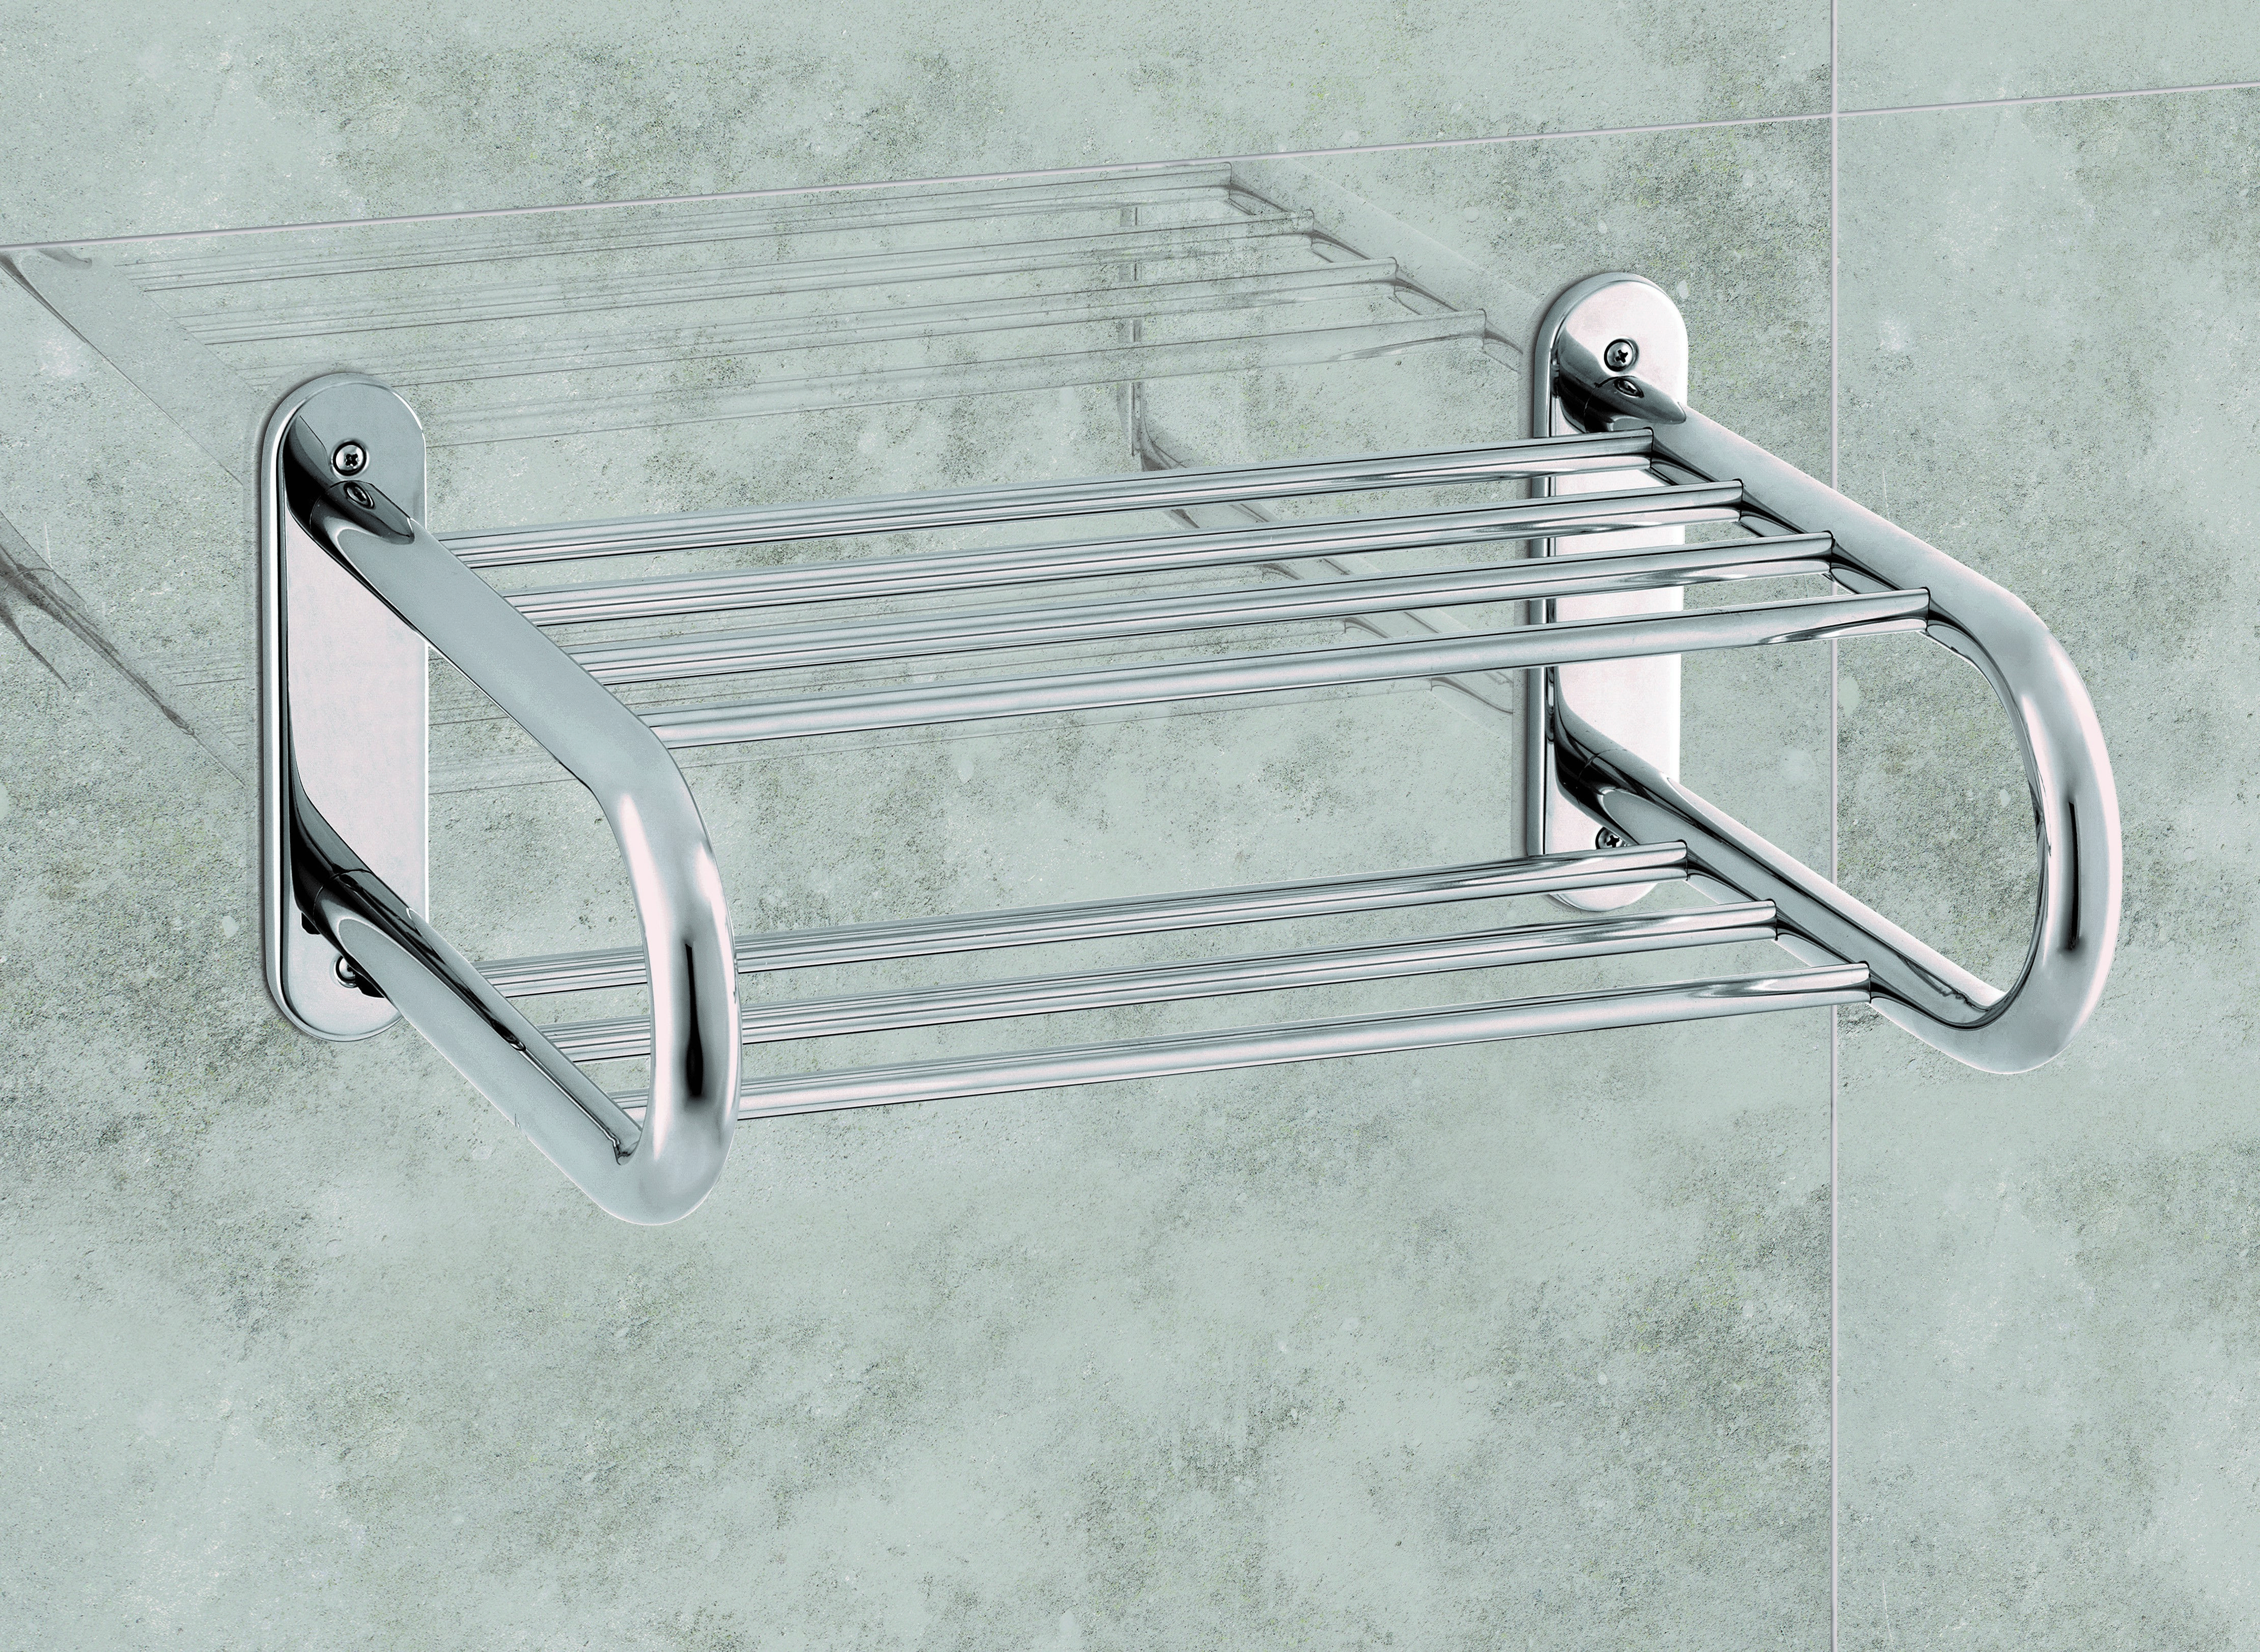 Toallero Electricos Compact De Acero Inoxidable Con Switch Para